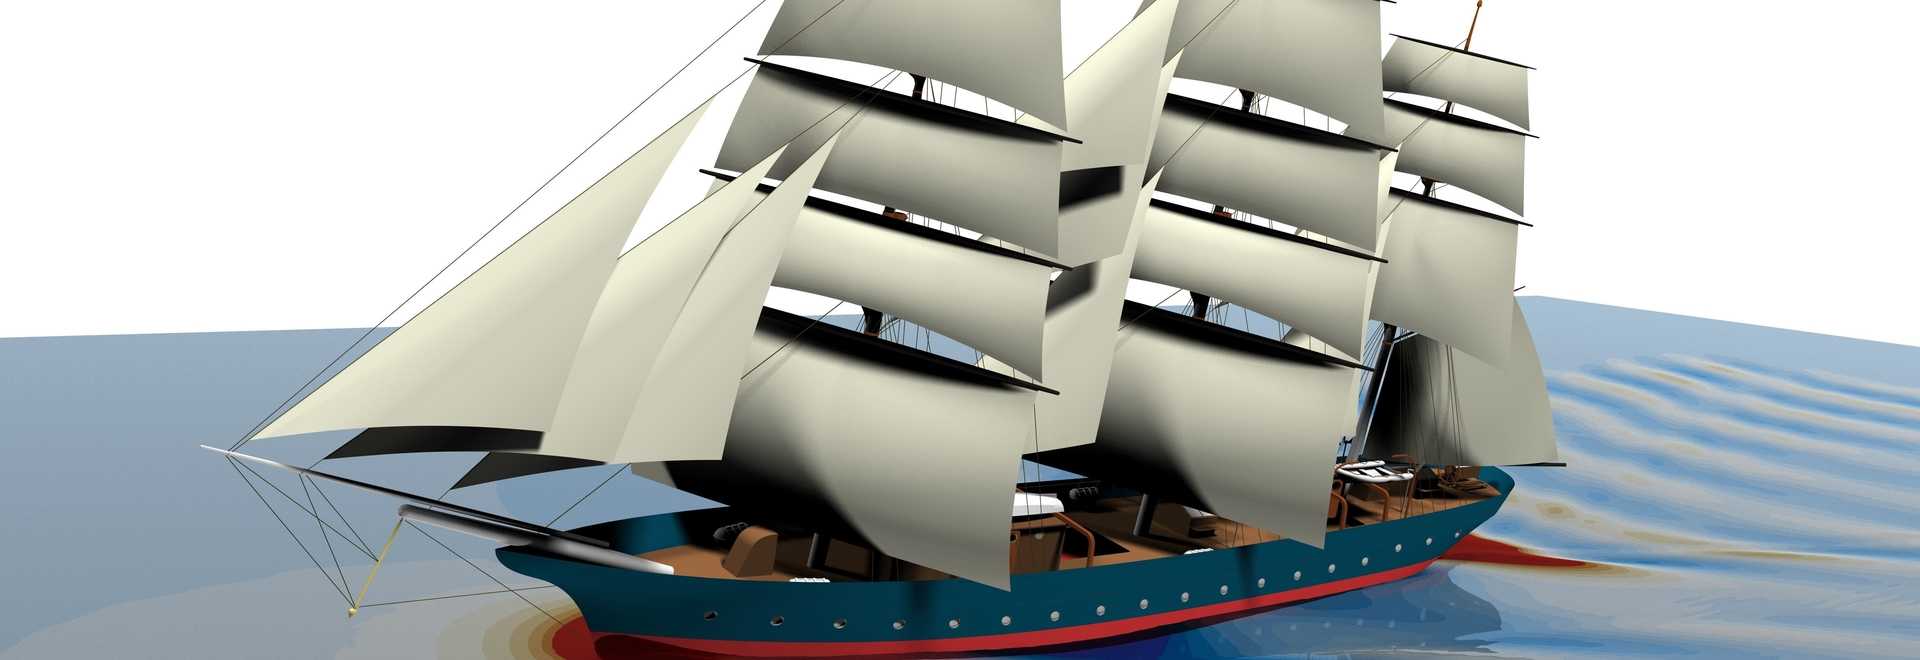 Pressemitteilung: Cape Horn Engineering kooperiert mit nachhaltiger Schifffahrtsinitiative EcoClipper.